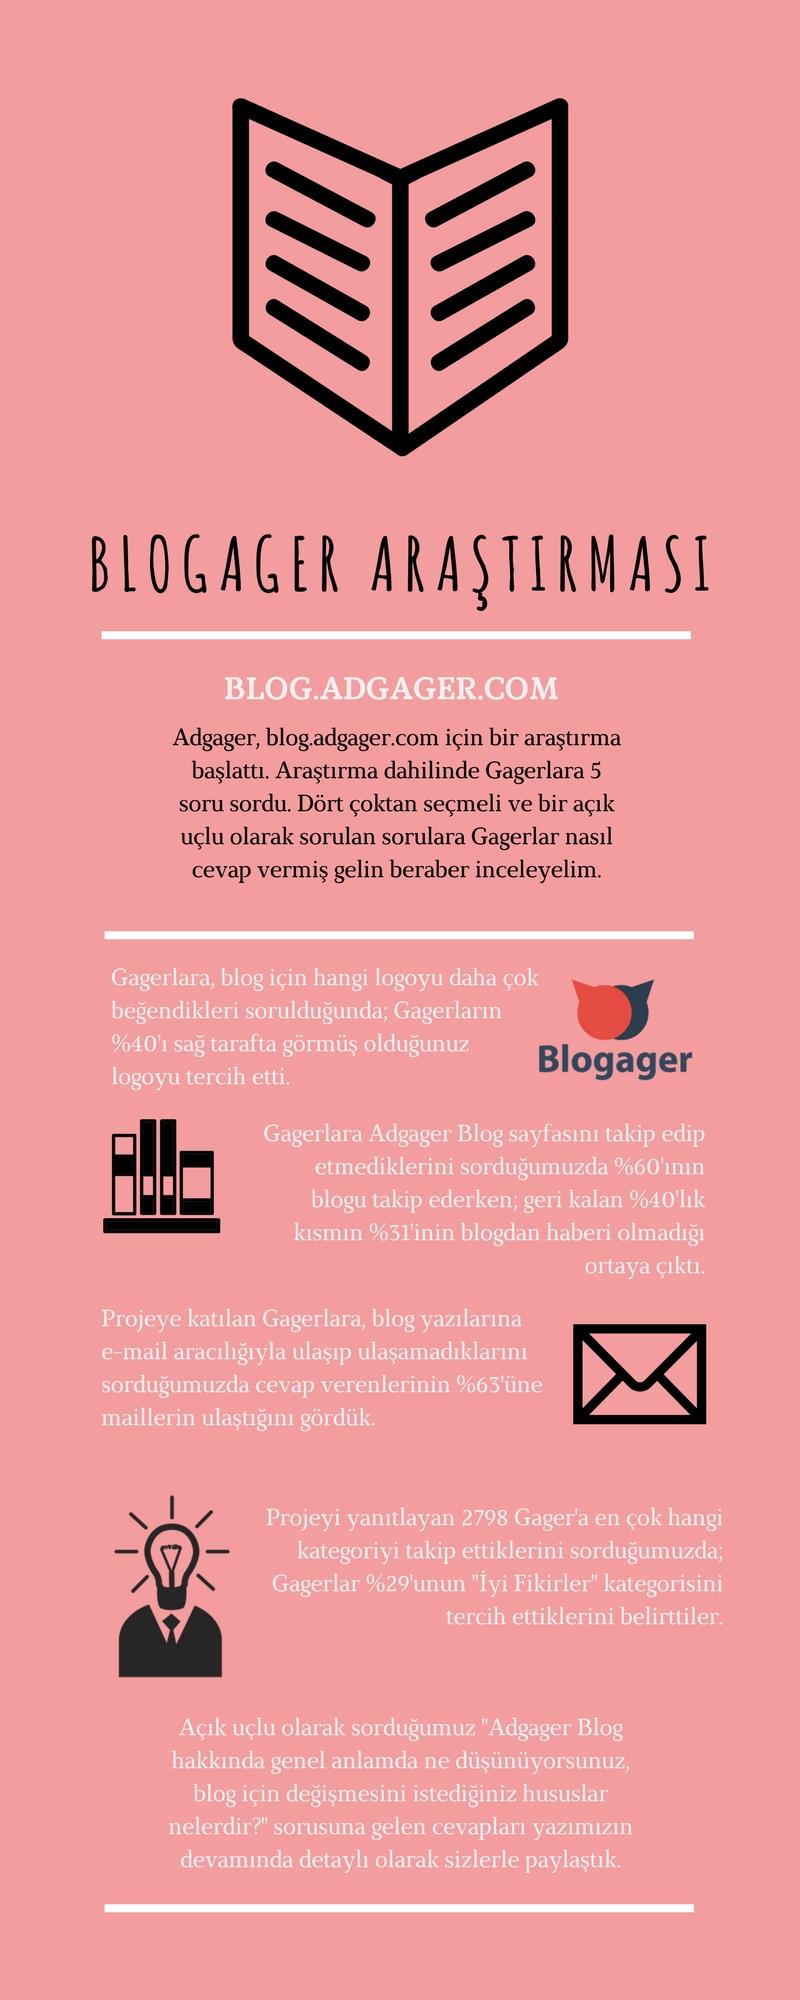 Adgager Blog araştırması sonuçları